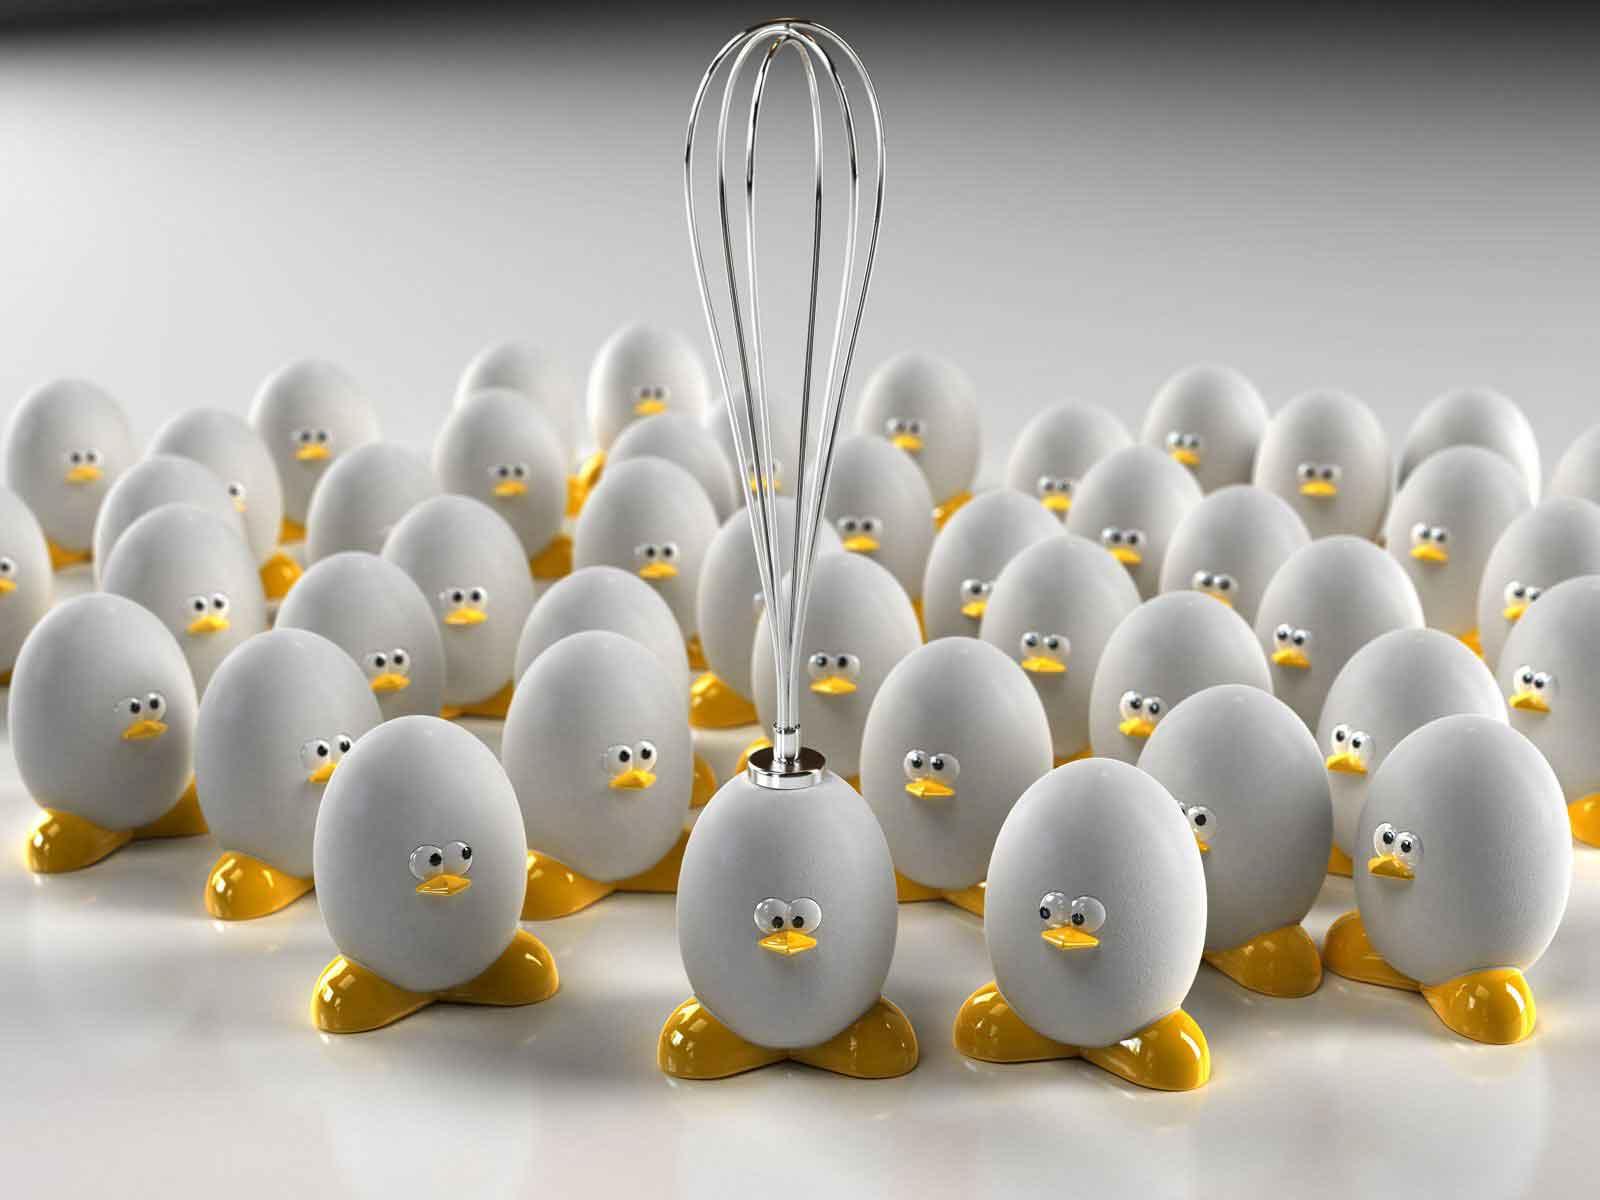 Rüyada 8 yumurta görmek 1